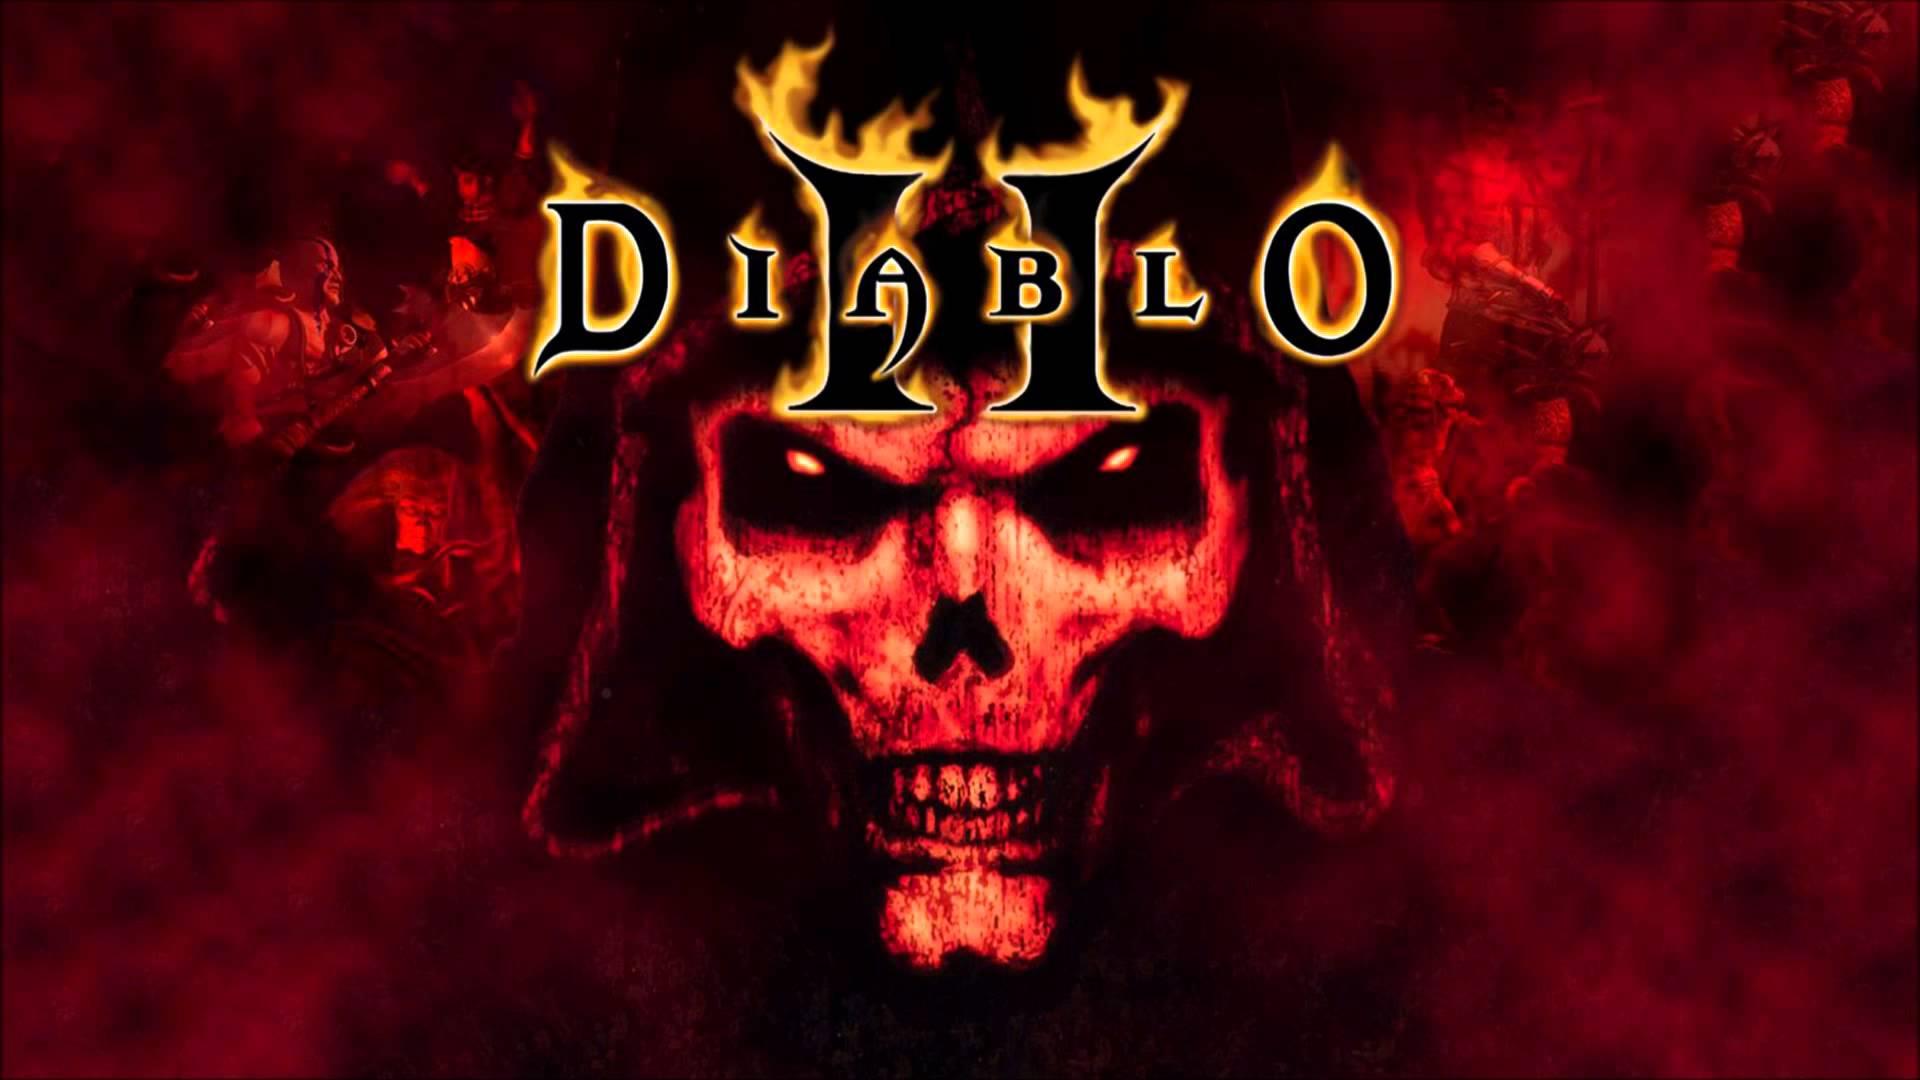 Diablo 2 исполнилось 20 лет. Blizzard приготовила подарки для всех